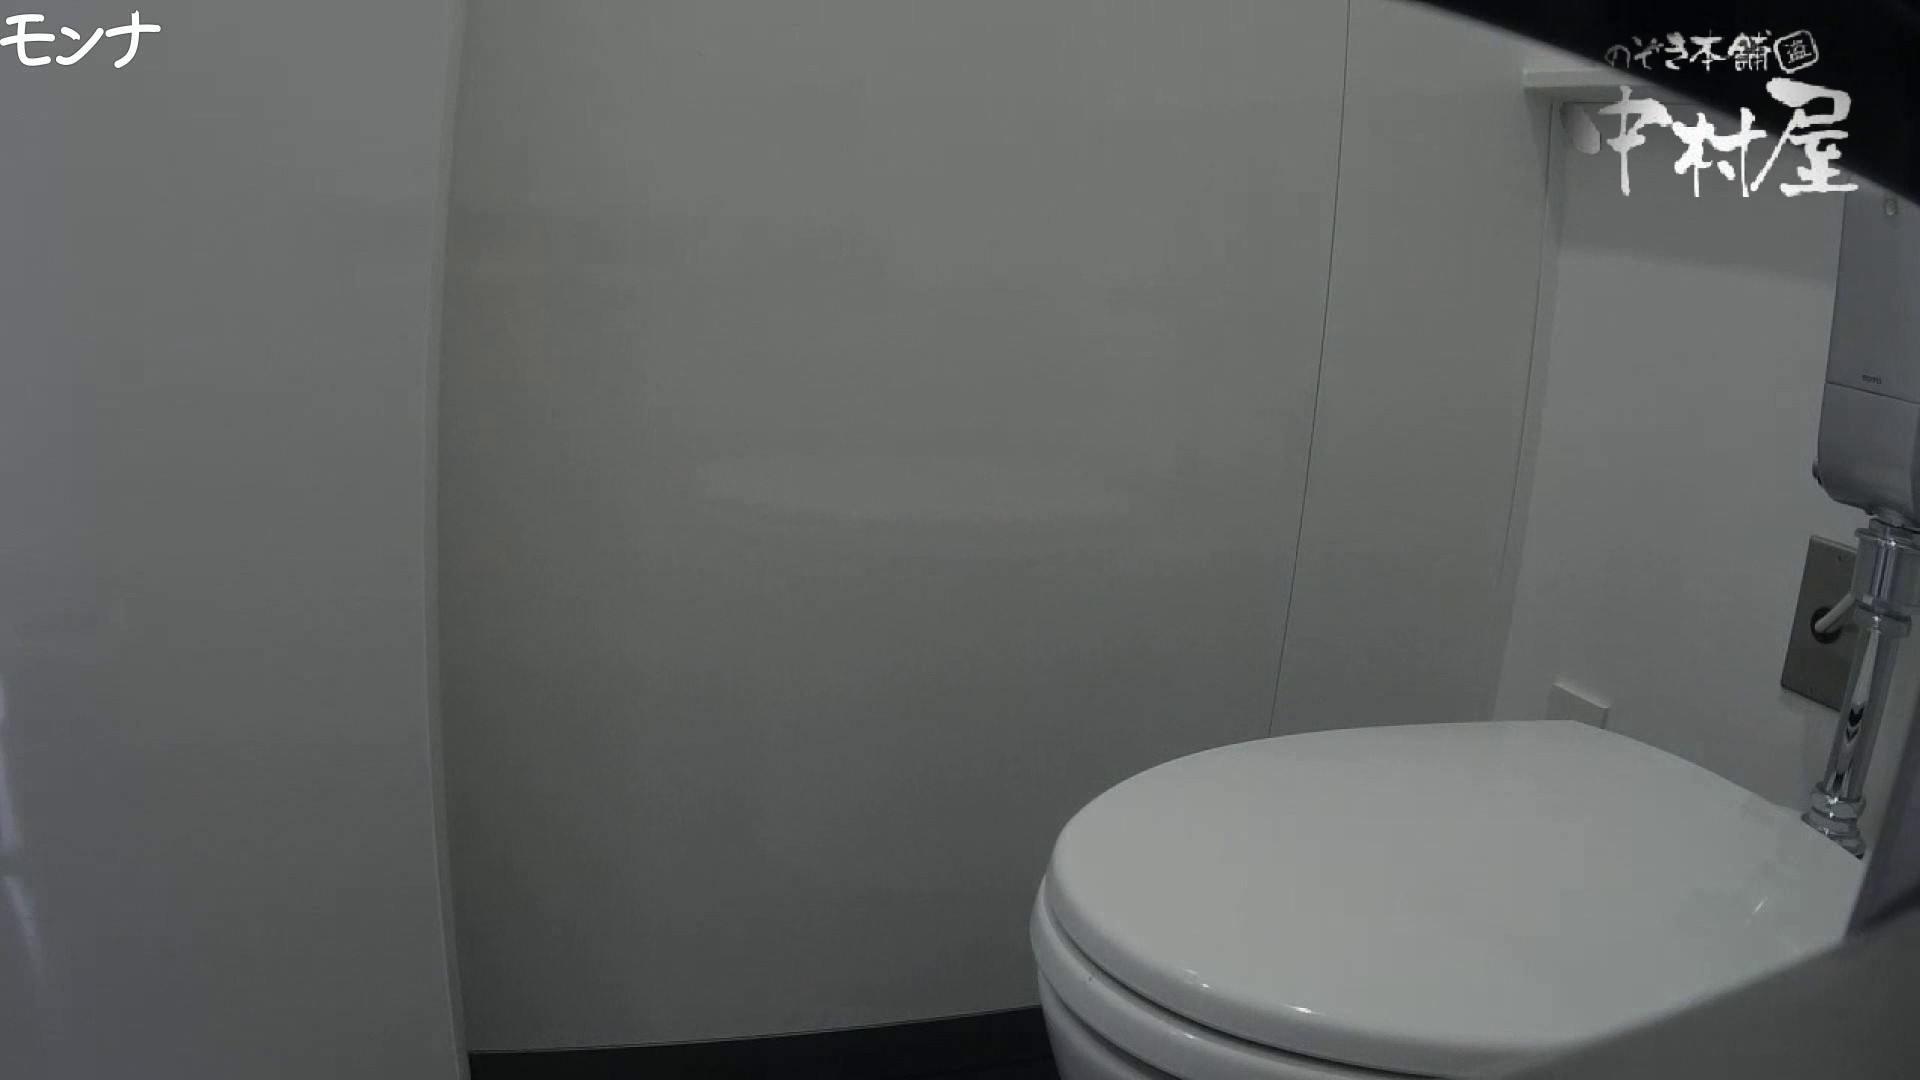 有名大学女性洗面所 vol.65 秘技!!マルチアングル天井撮り!! マルチアングル  106PIX 85